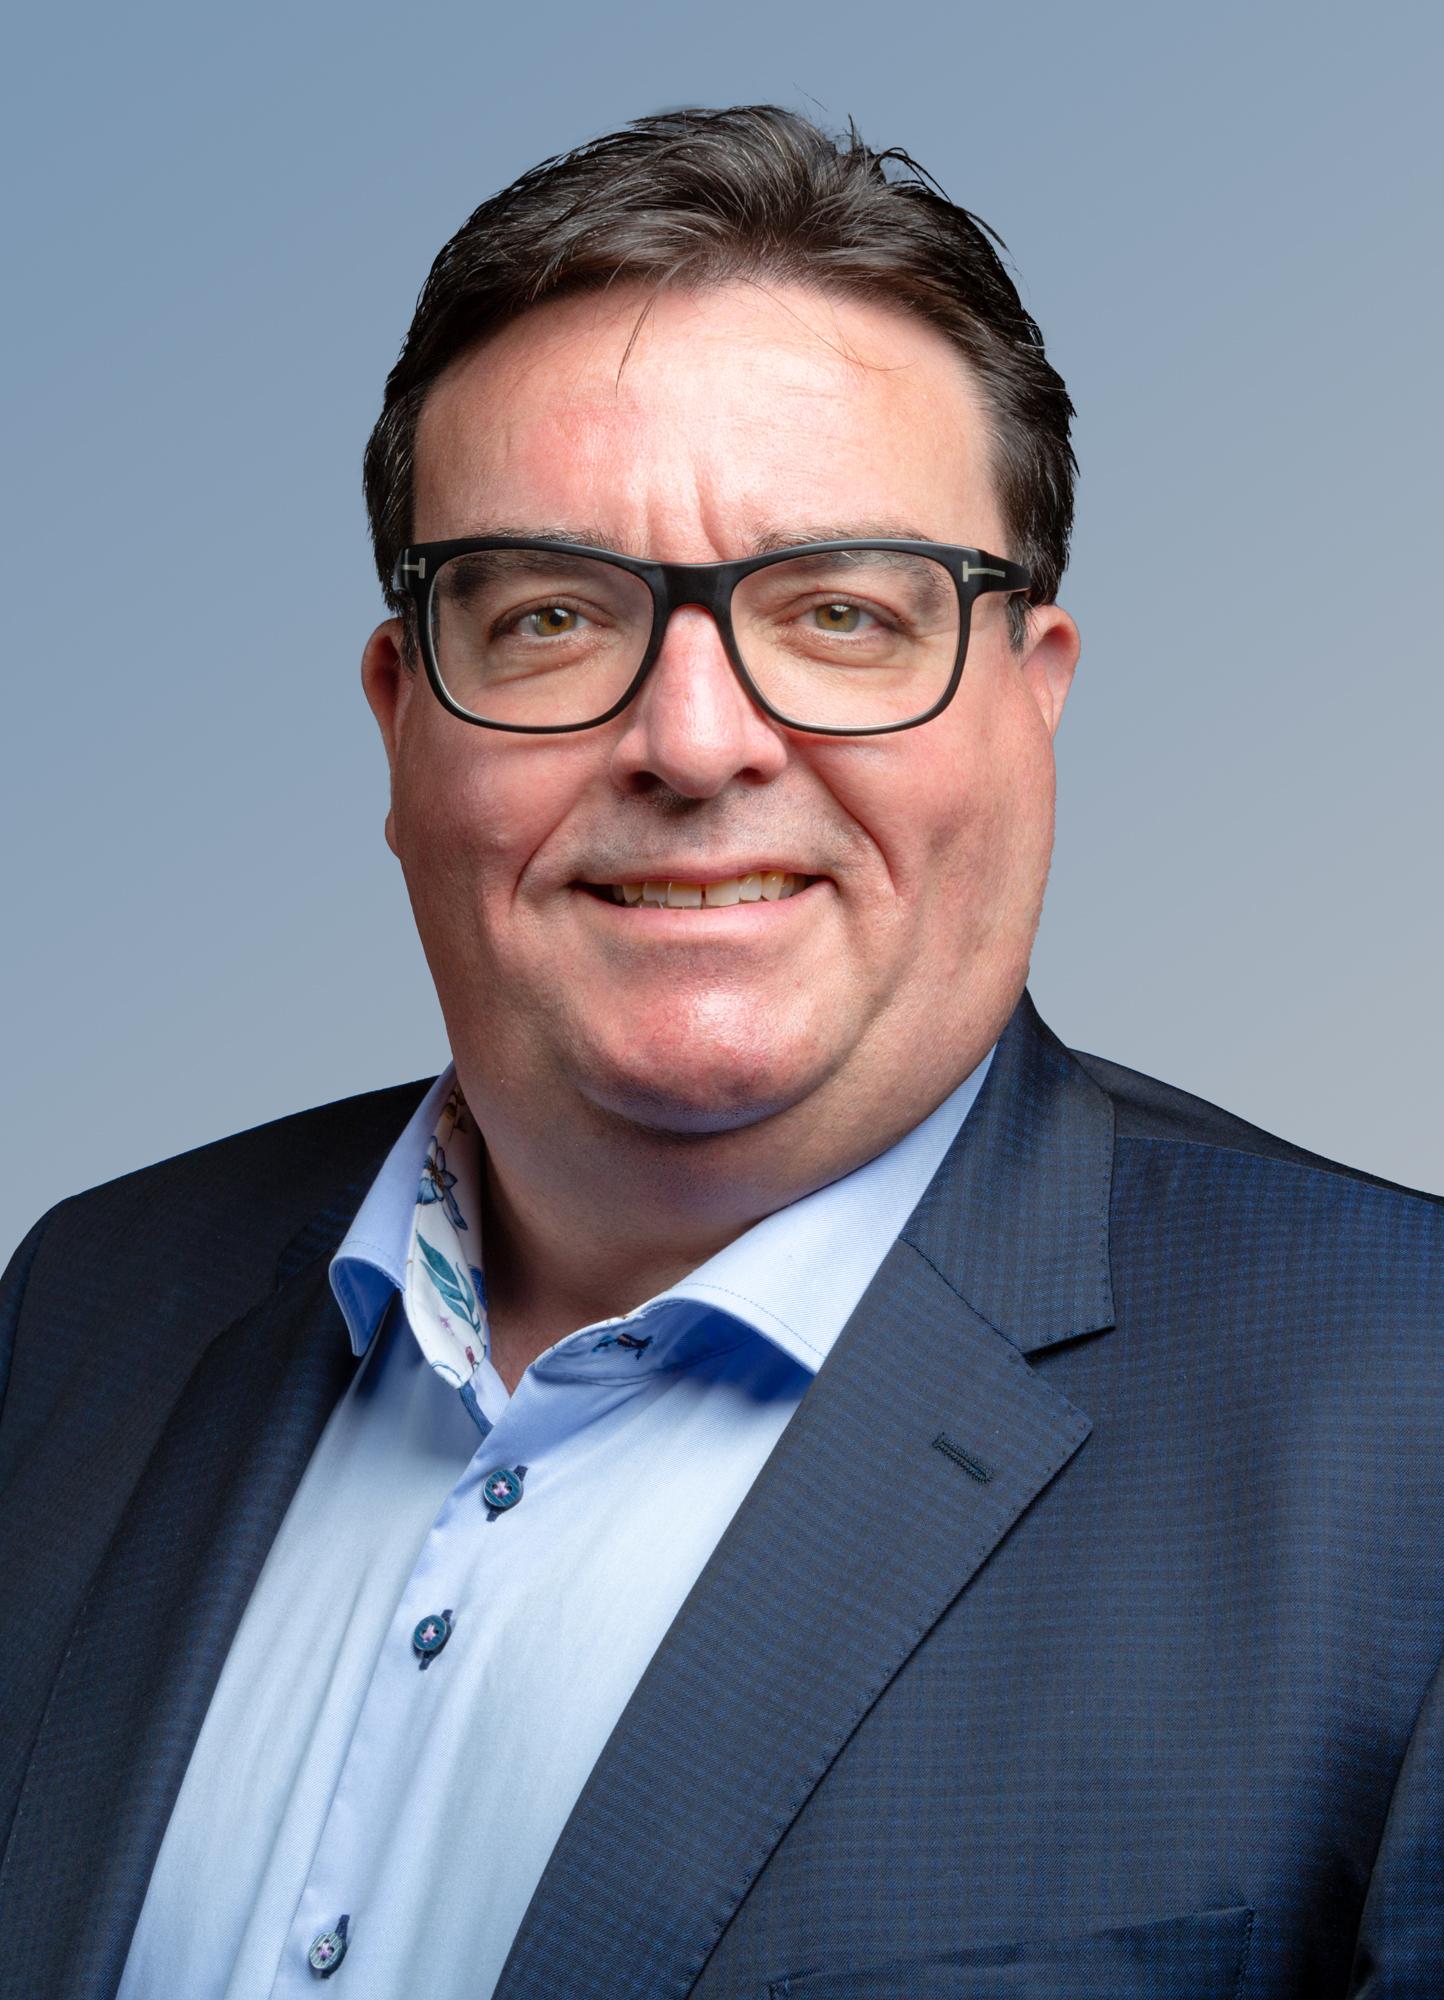 Ulrich Meuser für Linnich